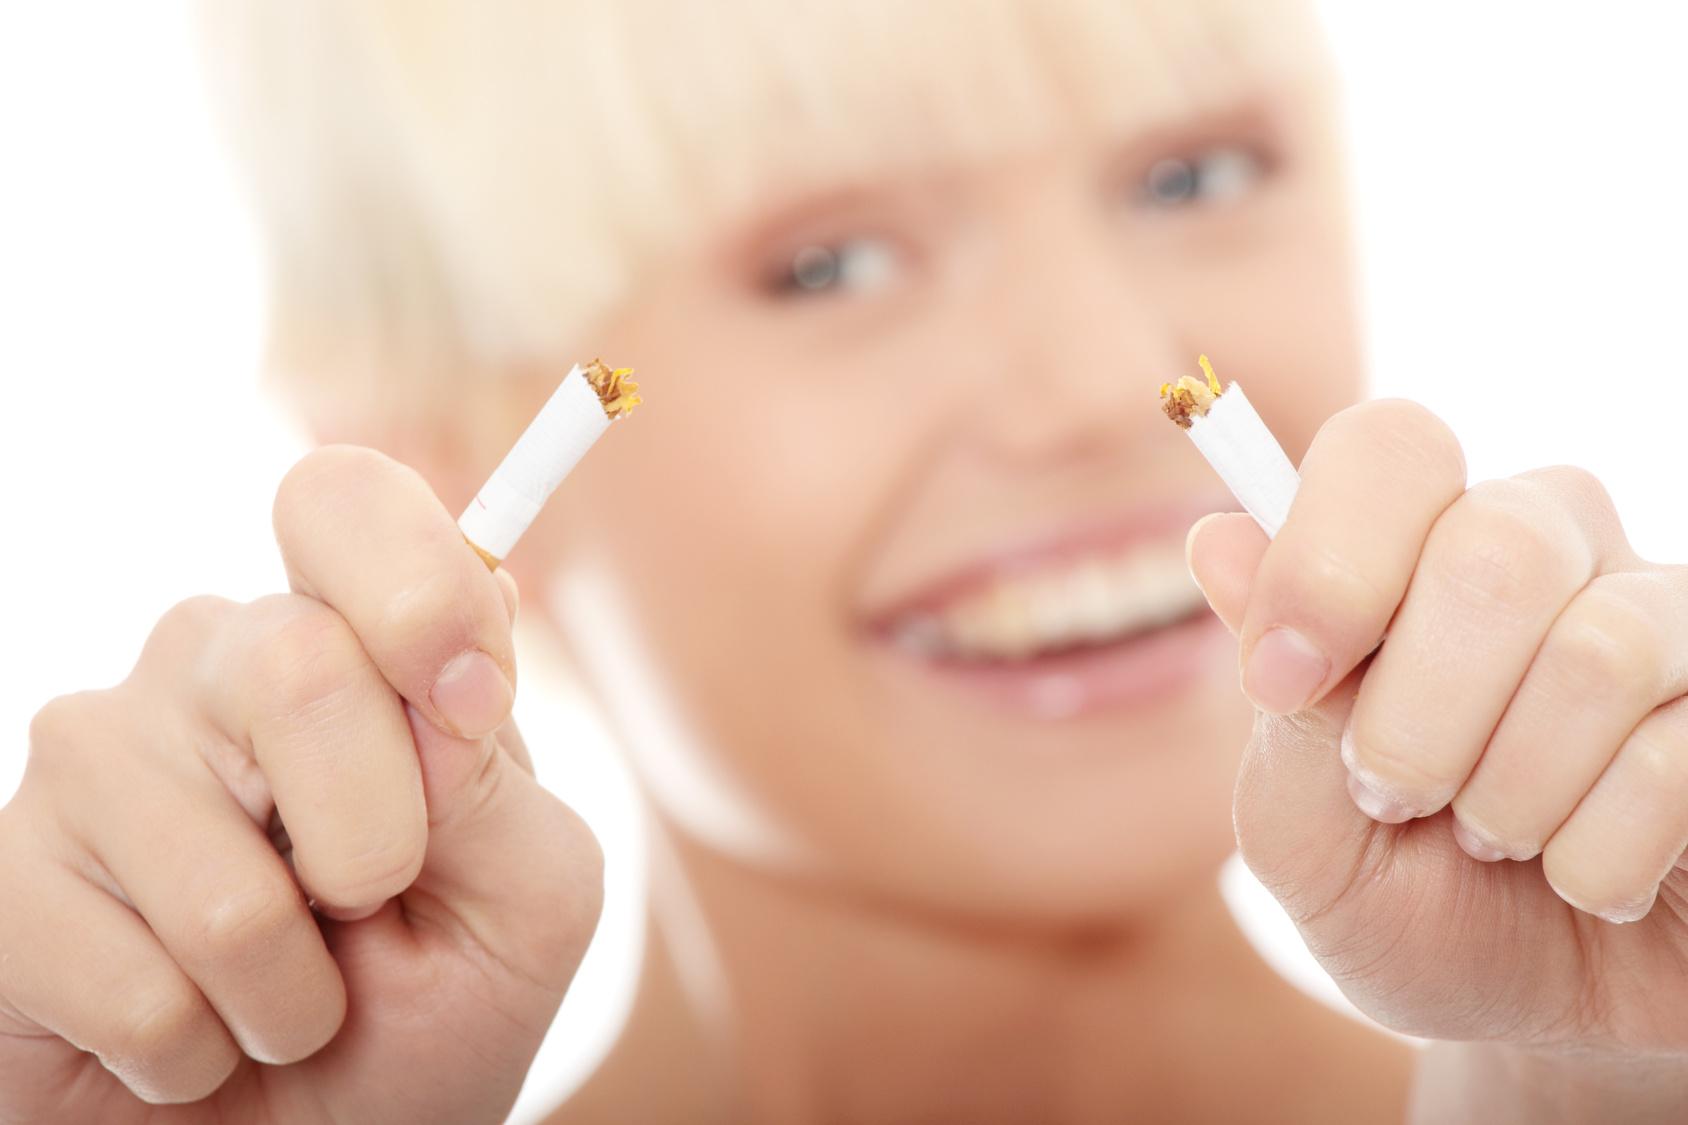 Quello che diventa grosso quando smesso fumando